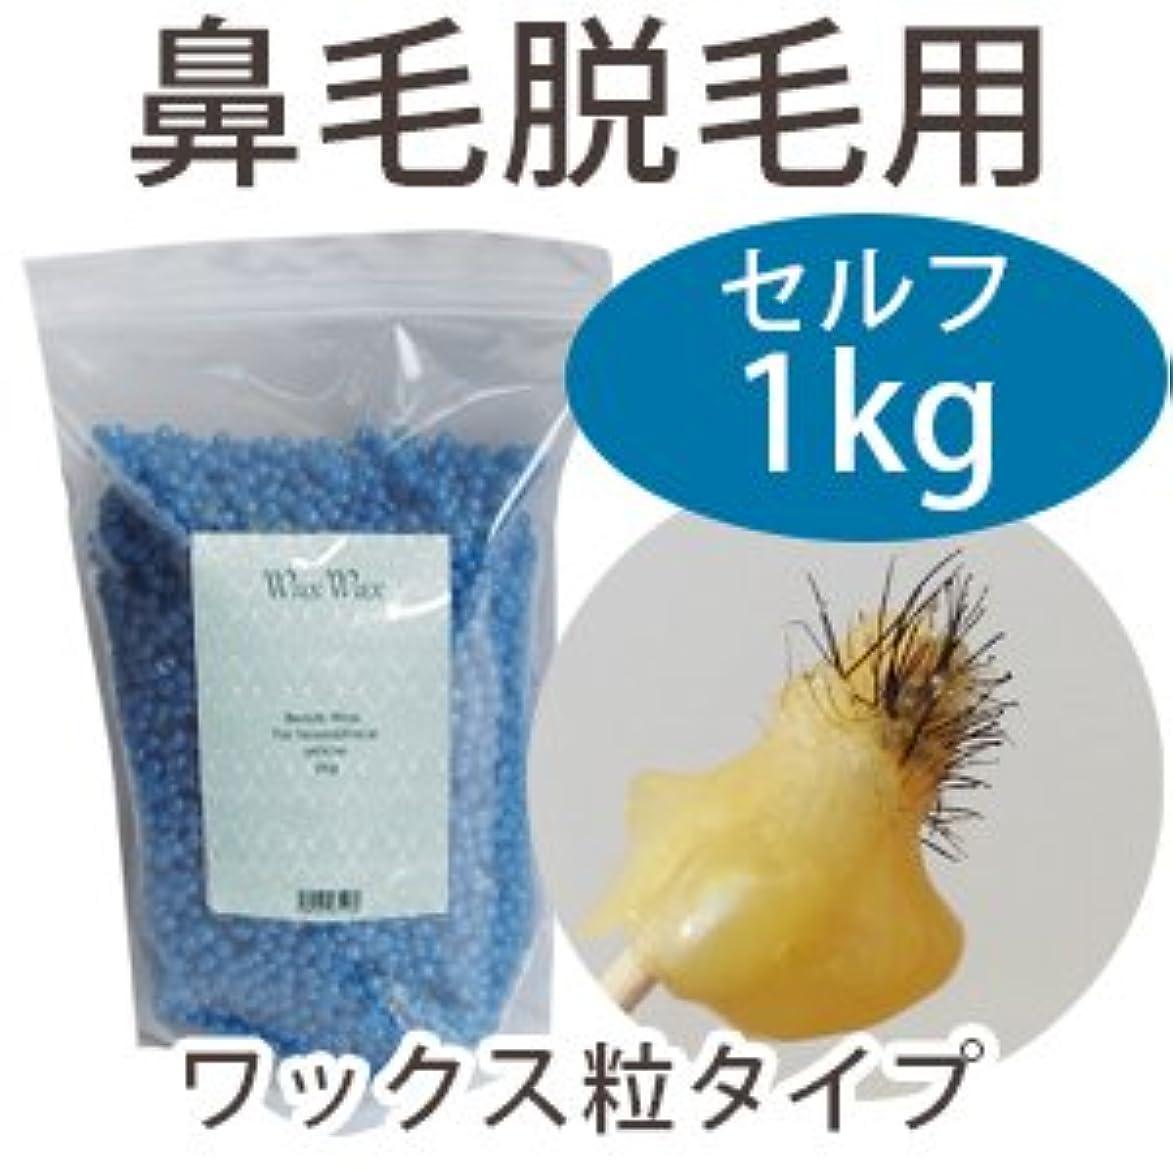 かかわらず優勢馬鹿鼻毛 産毛 脱毛 ビーズ ワックス (ブルー 1kg)